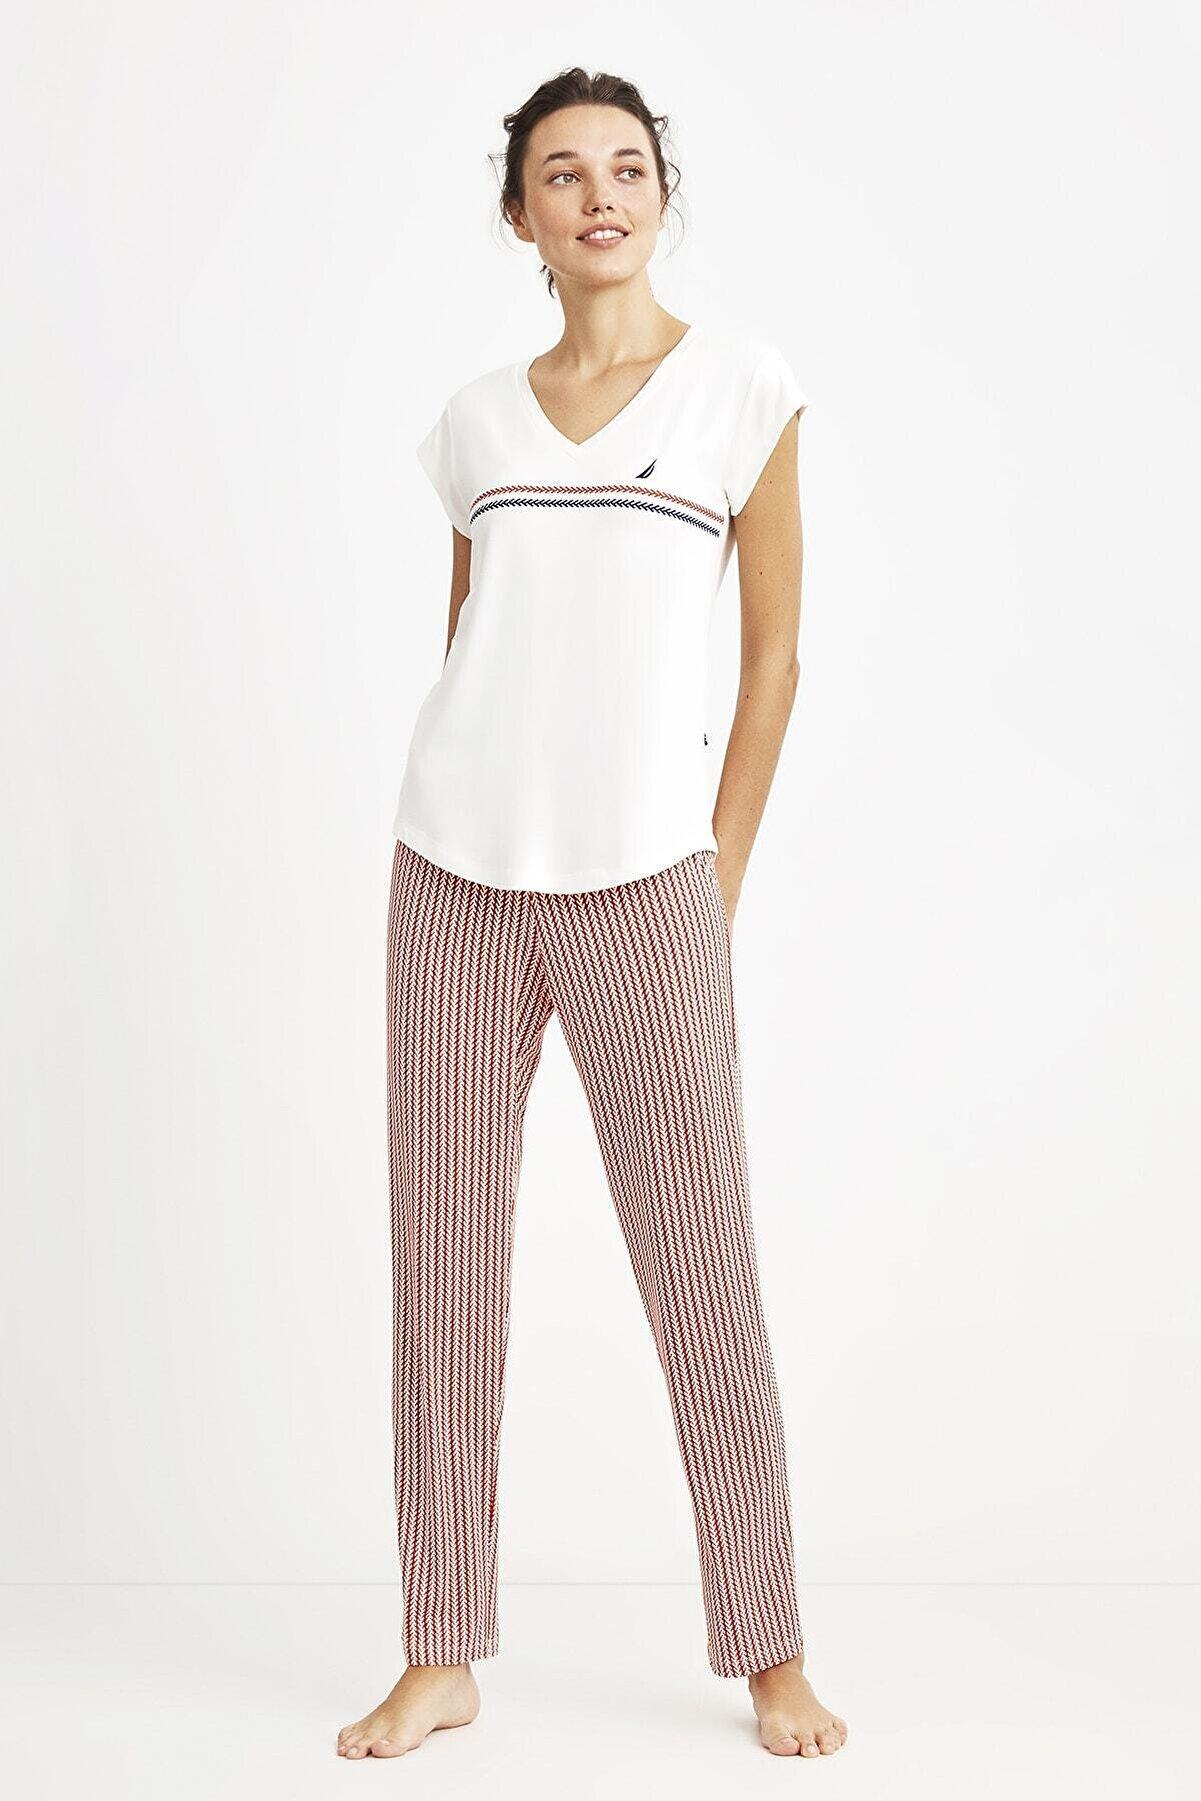 Nautica W129 Pijama Takım